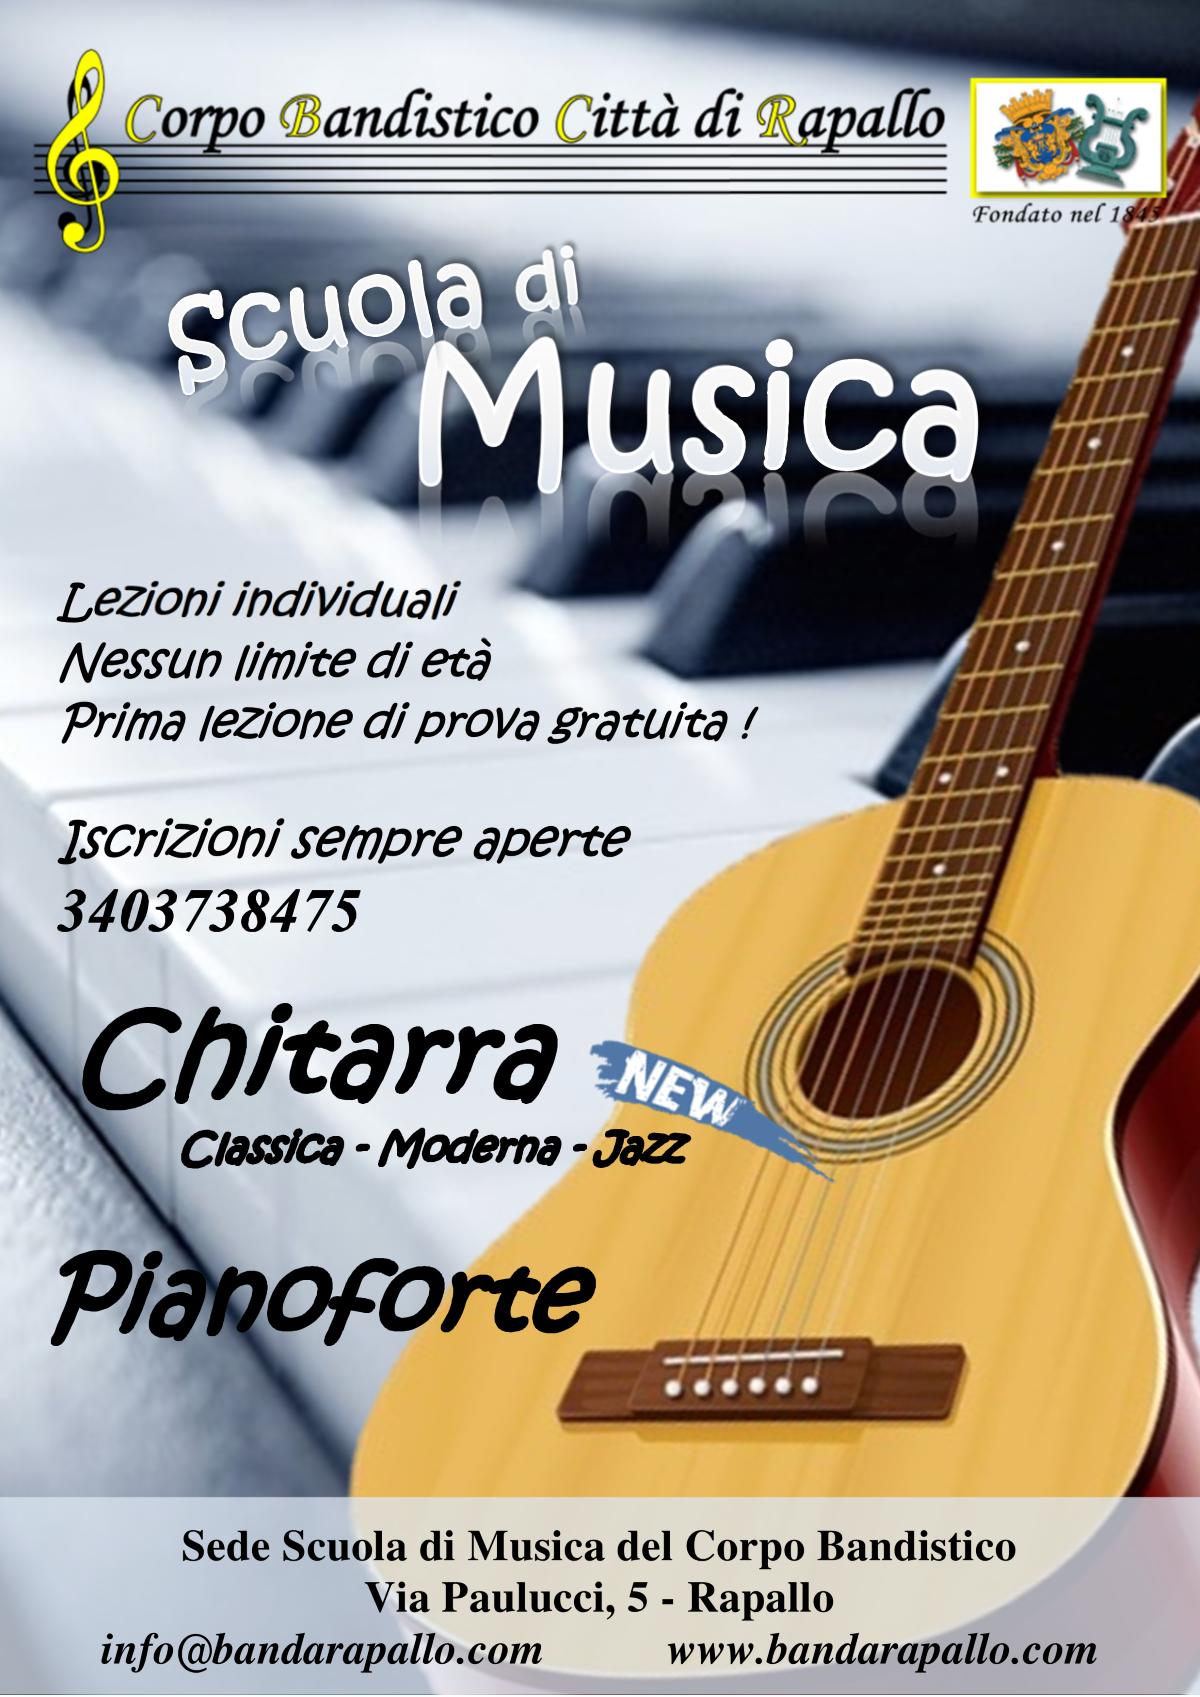 Chitarra_Pianoforte